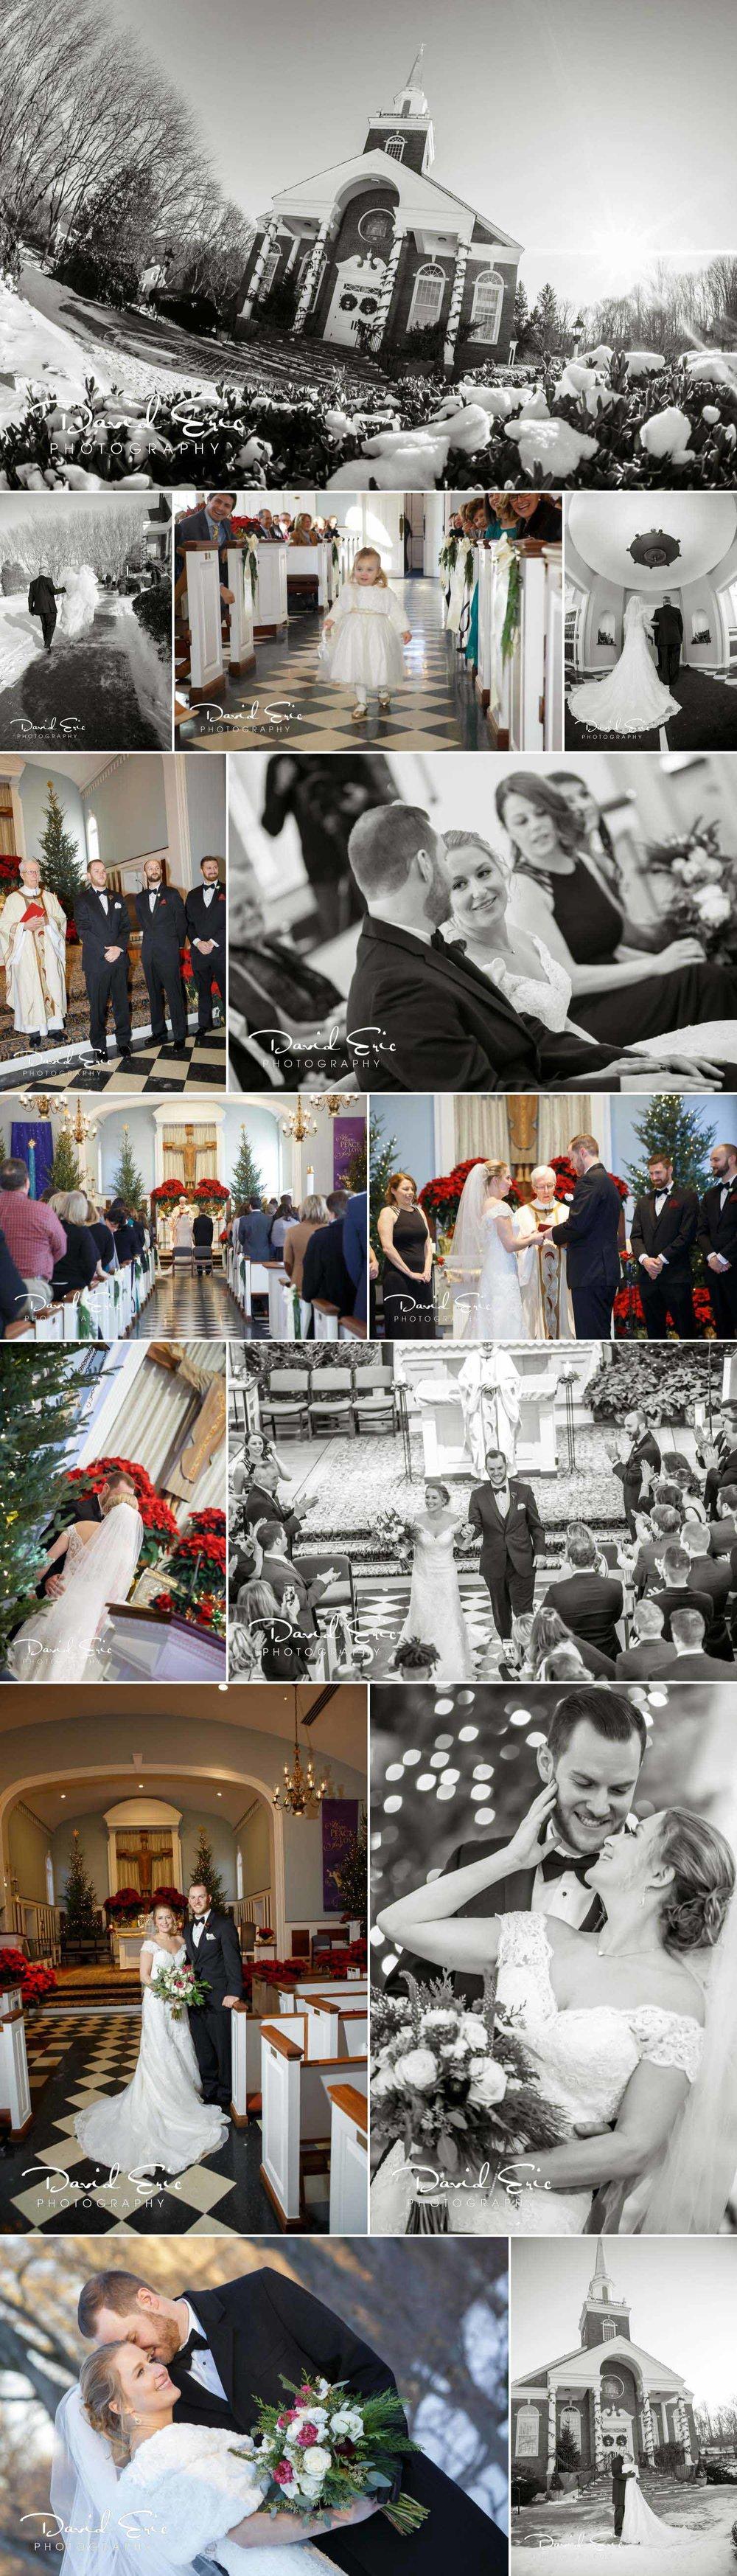 westin-governor-morris-inn-wedding-morristown-0003.jpg